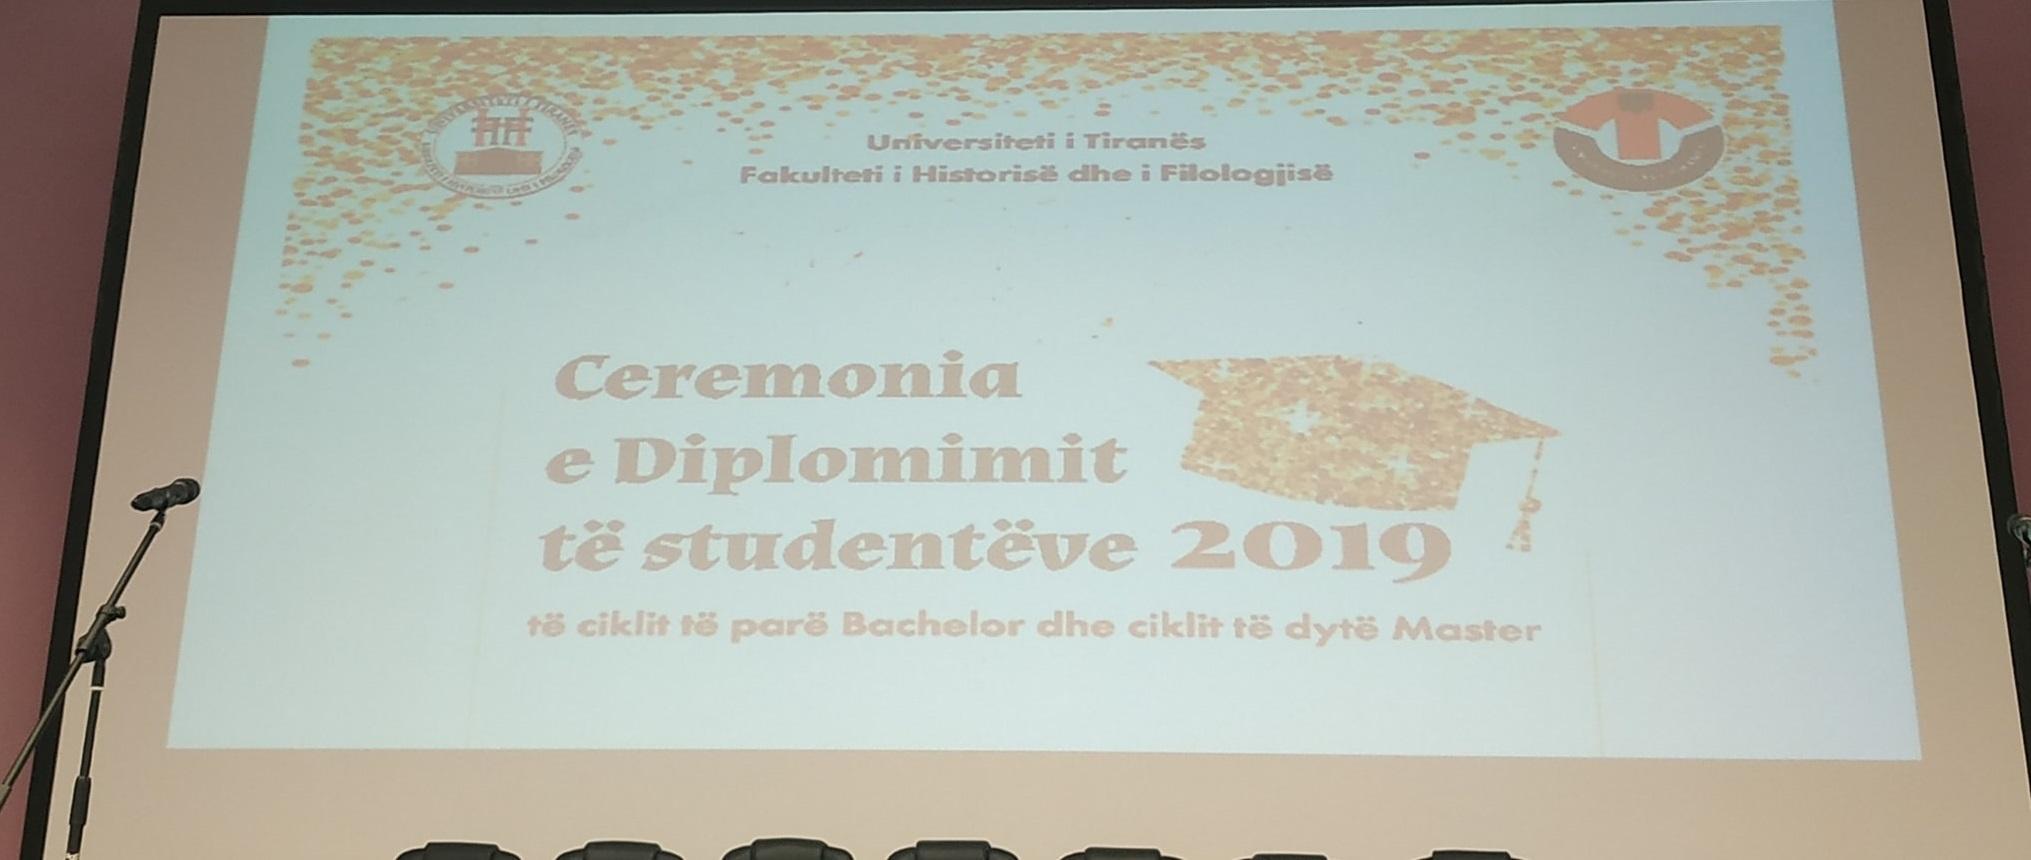 Fjala përshëndetëse e Dekanit të FHF-së, Prof. dr. Sabri LAÇI  në Ceremoninë e Diplomimit të studentëve